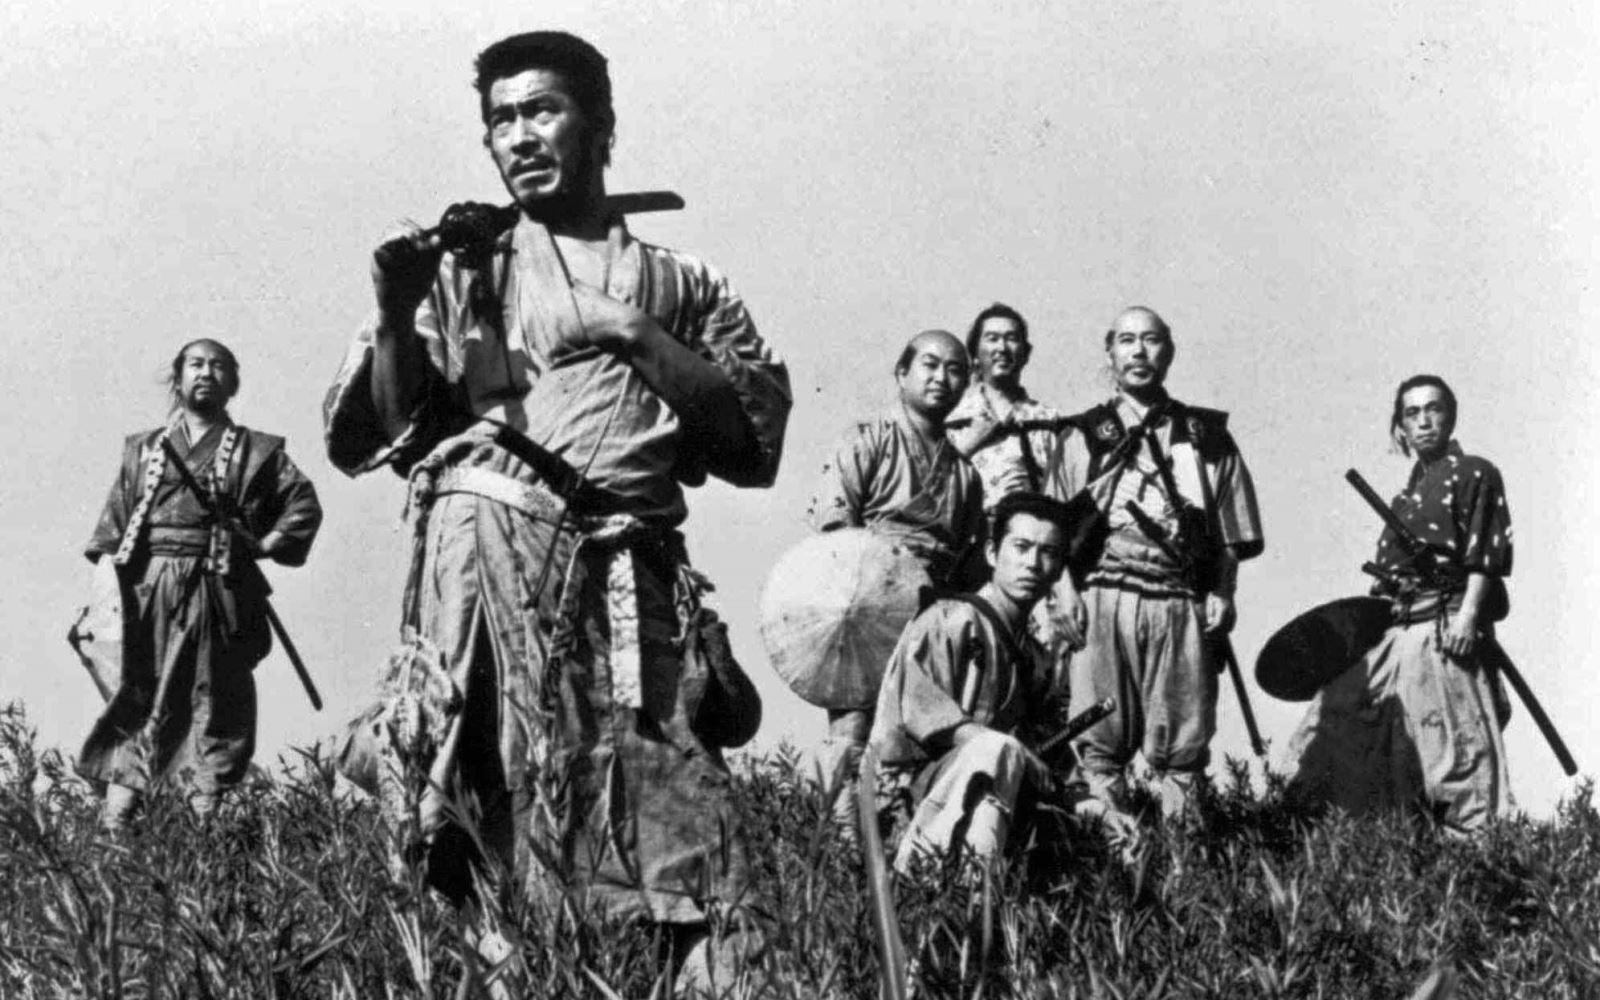 Ashitaba - Loại lá thần dược của các võ sĩ samurai Nhật Bản